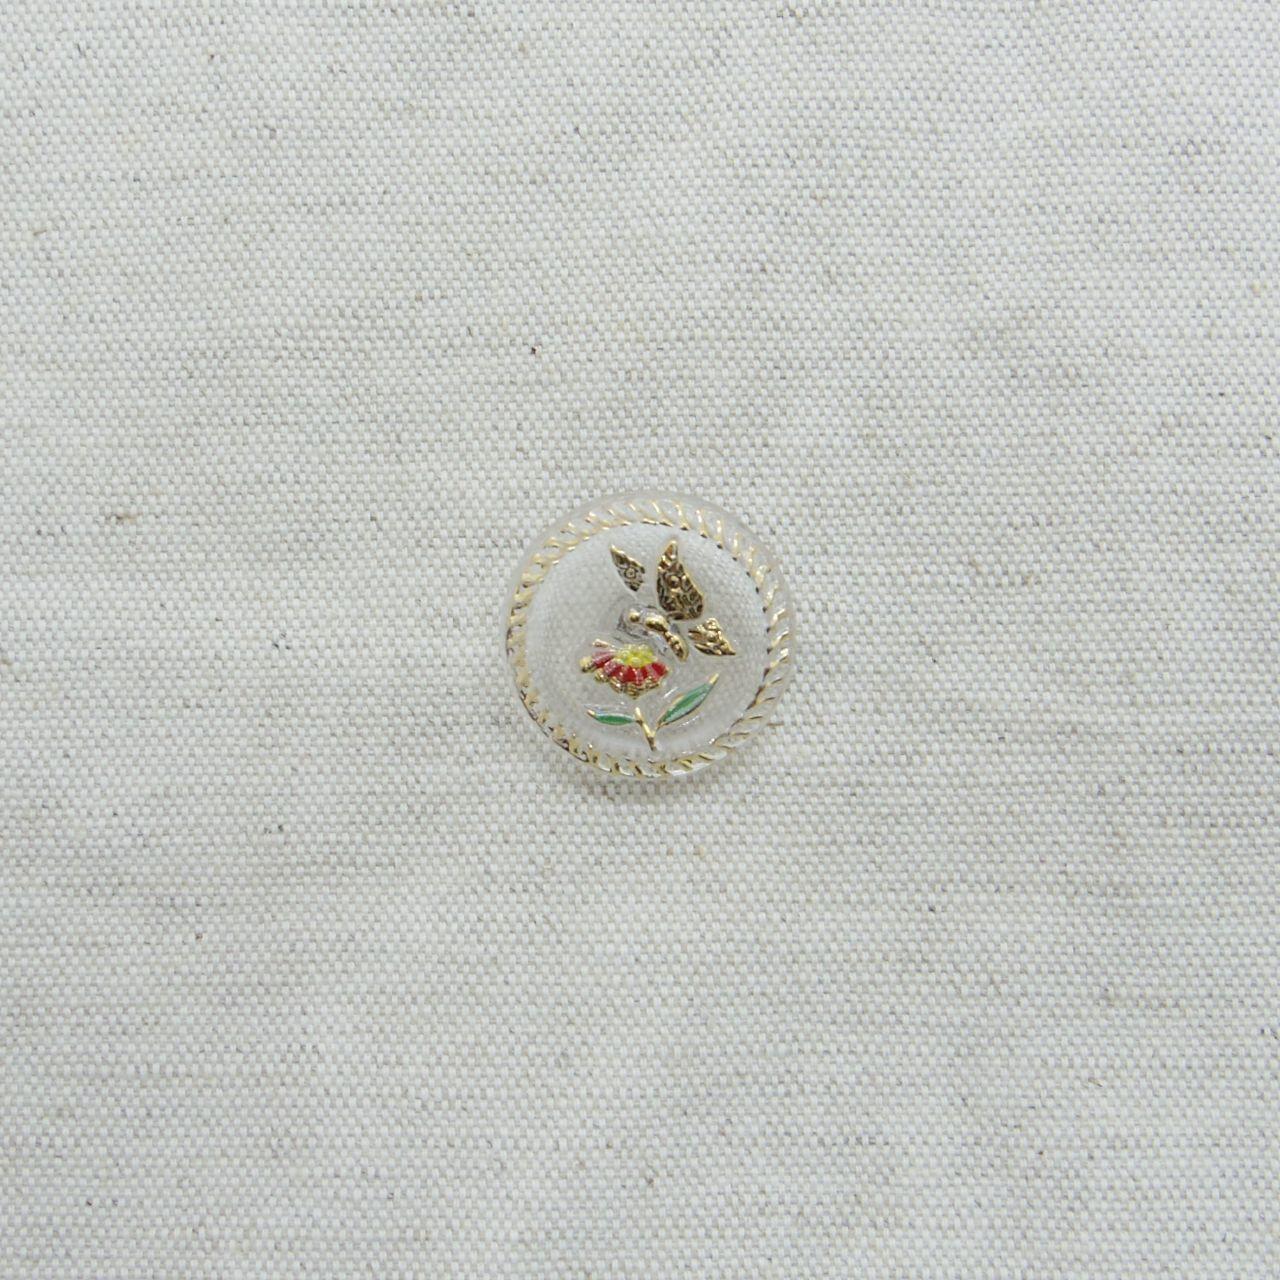 【チェコガラスボタン】花と蝶・赤 ::: 中2.3cm